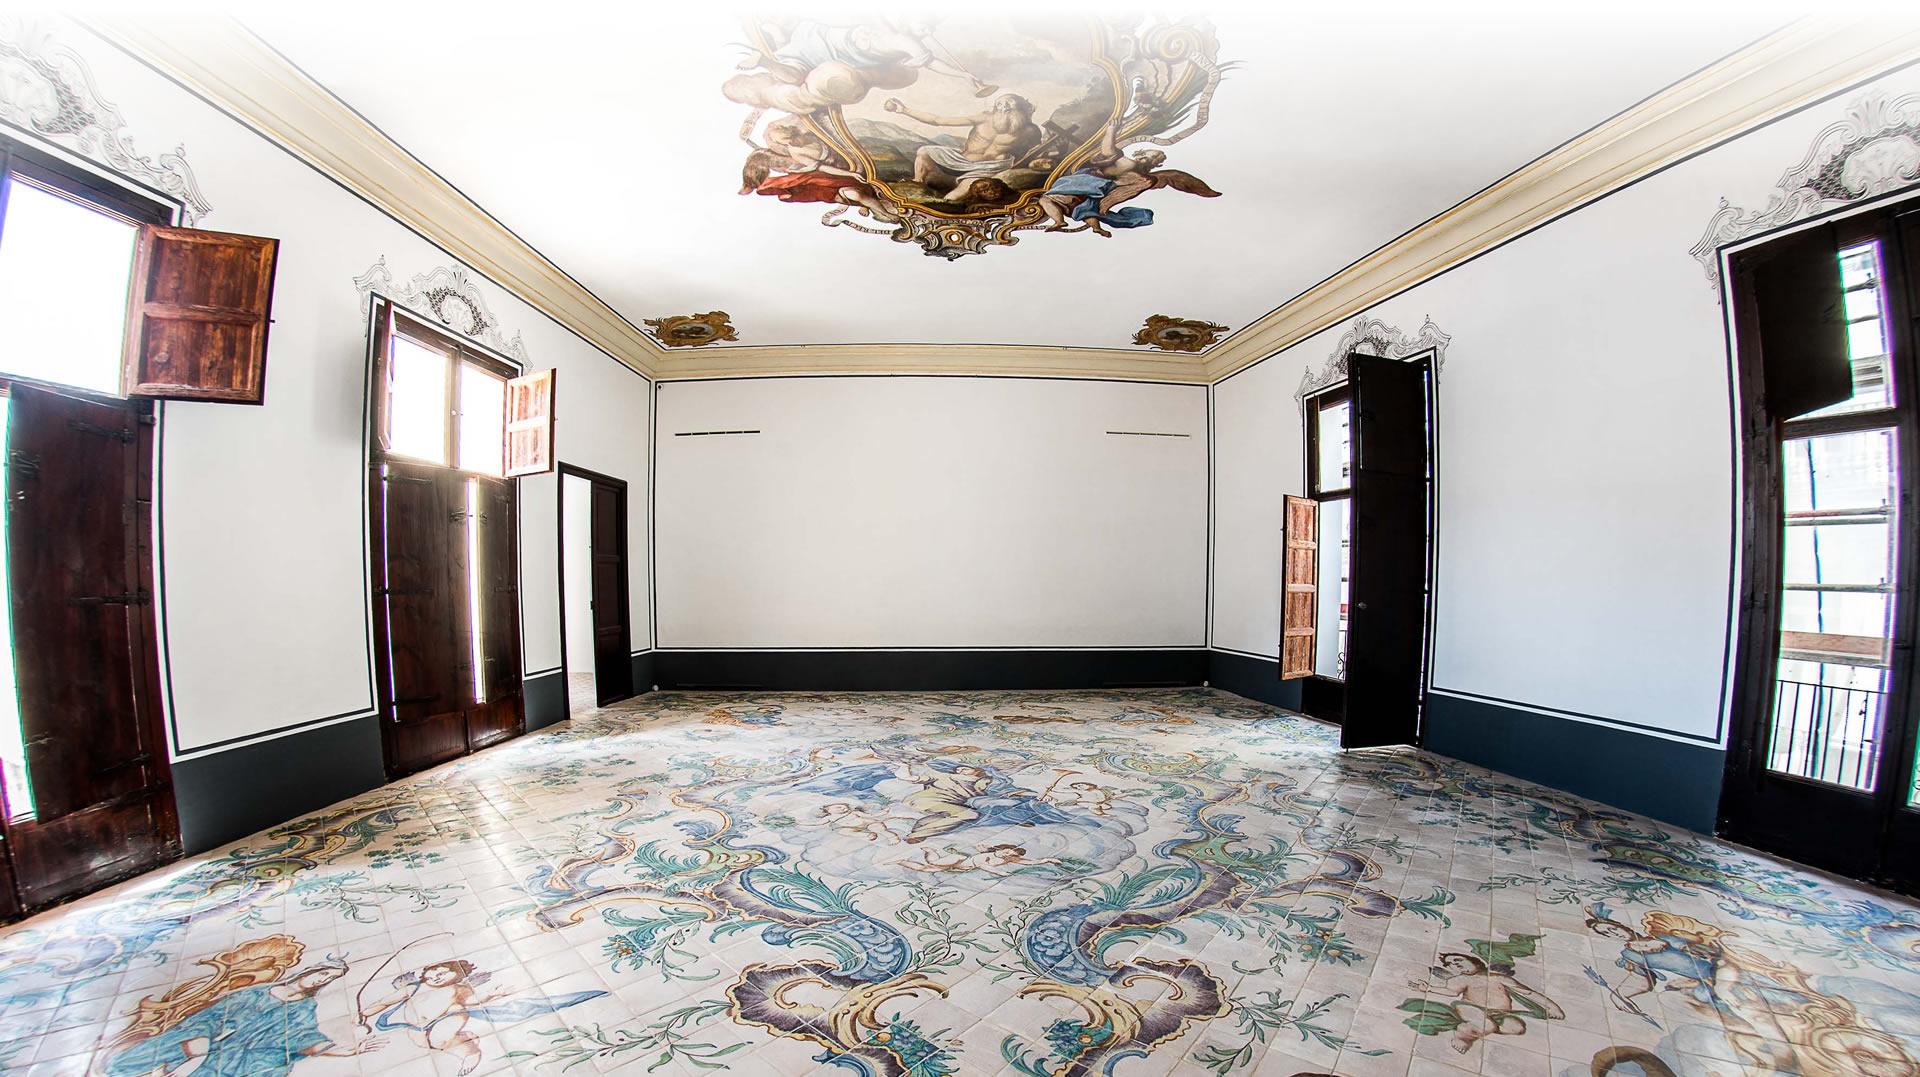 Museo De.Museum Museo Y Colegio De Arte Mayor De La Seda Valencia